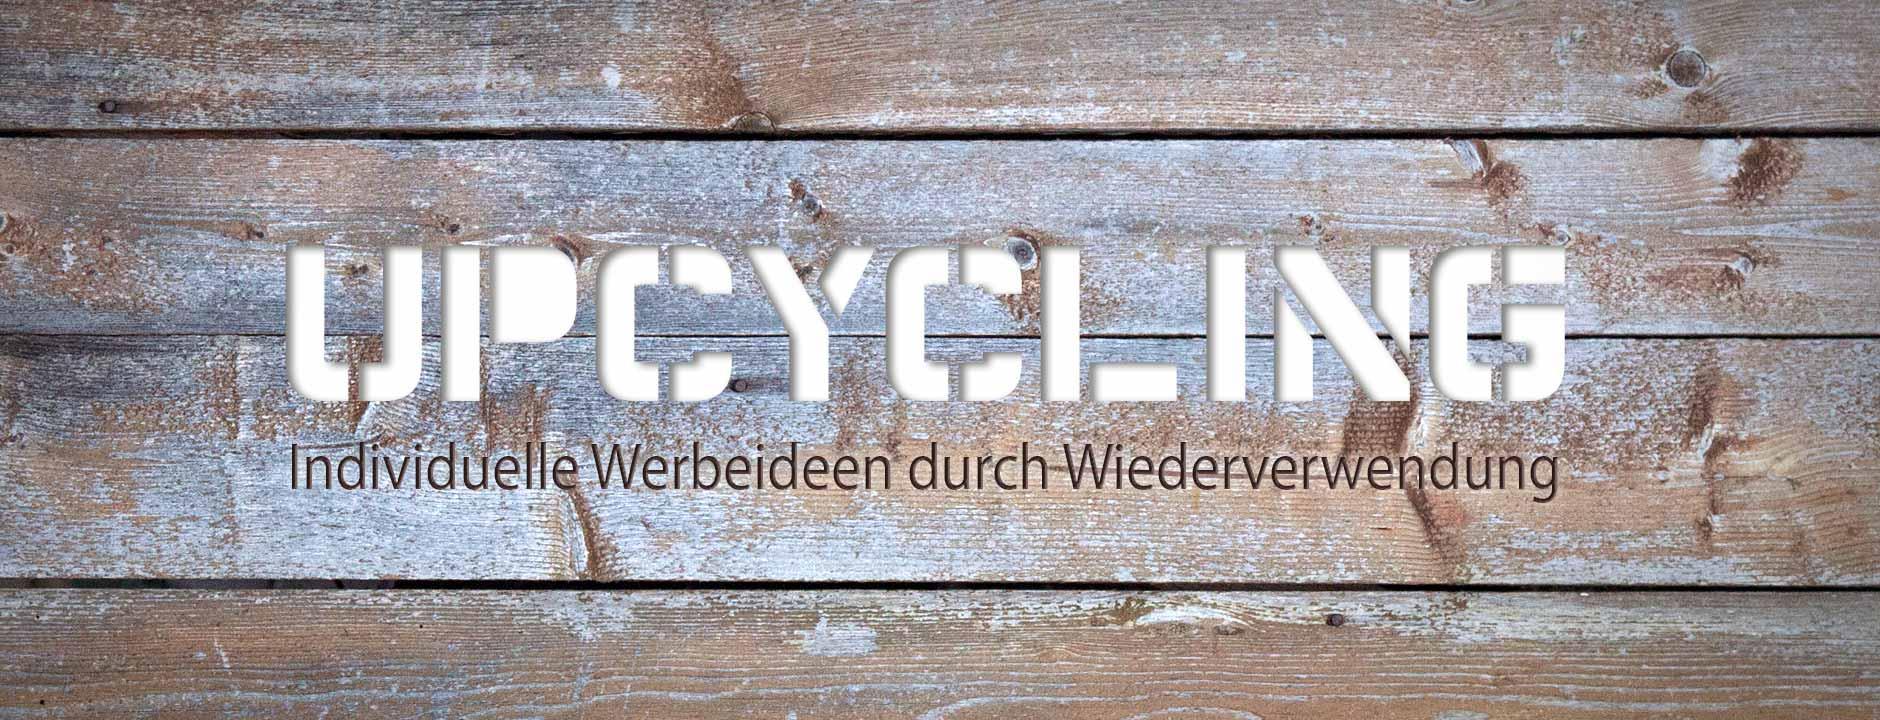 Upcycling - Werbeideen